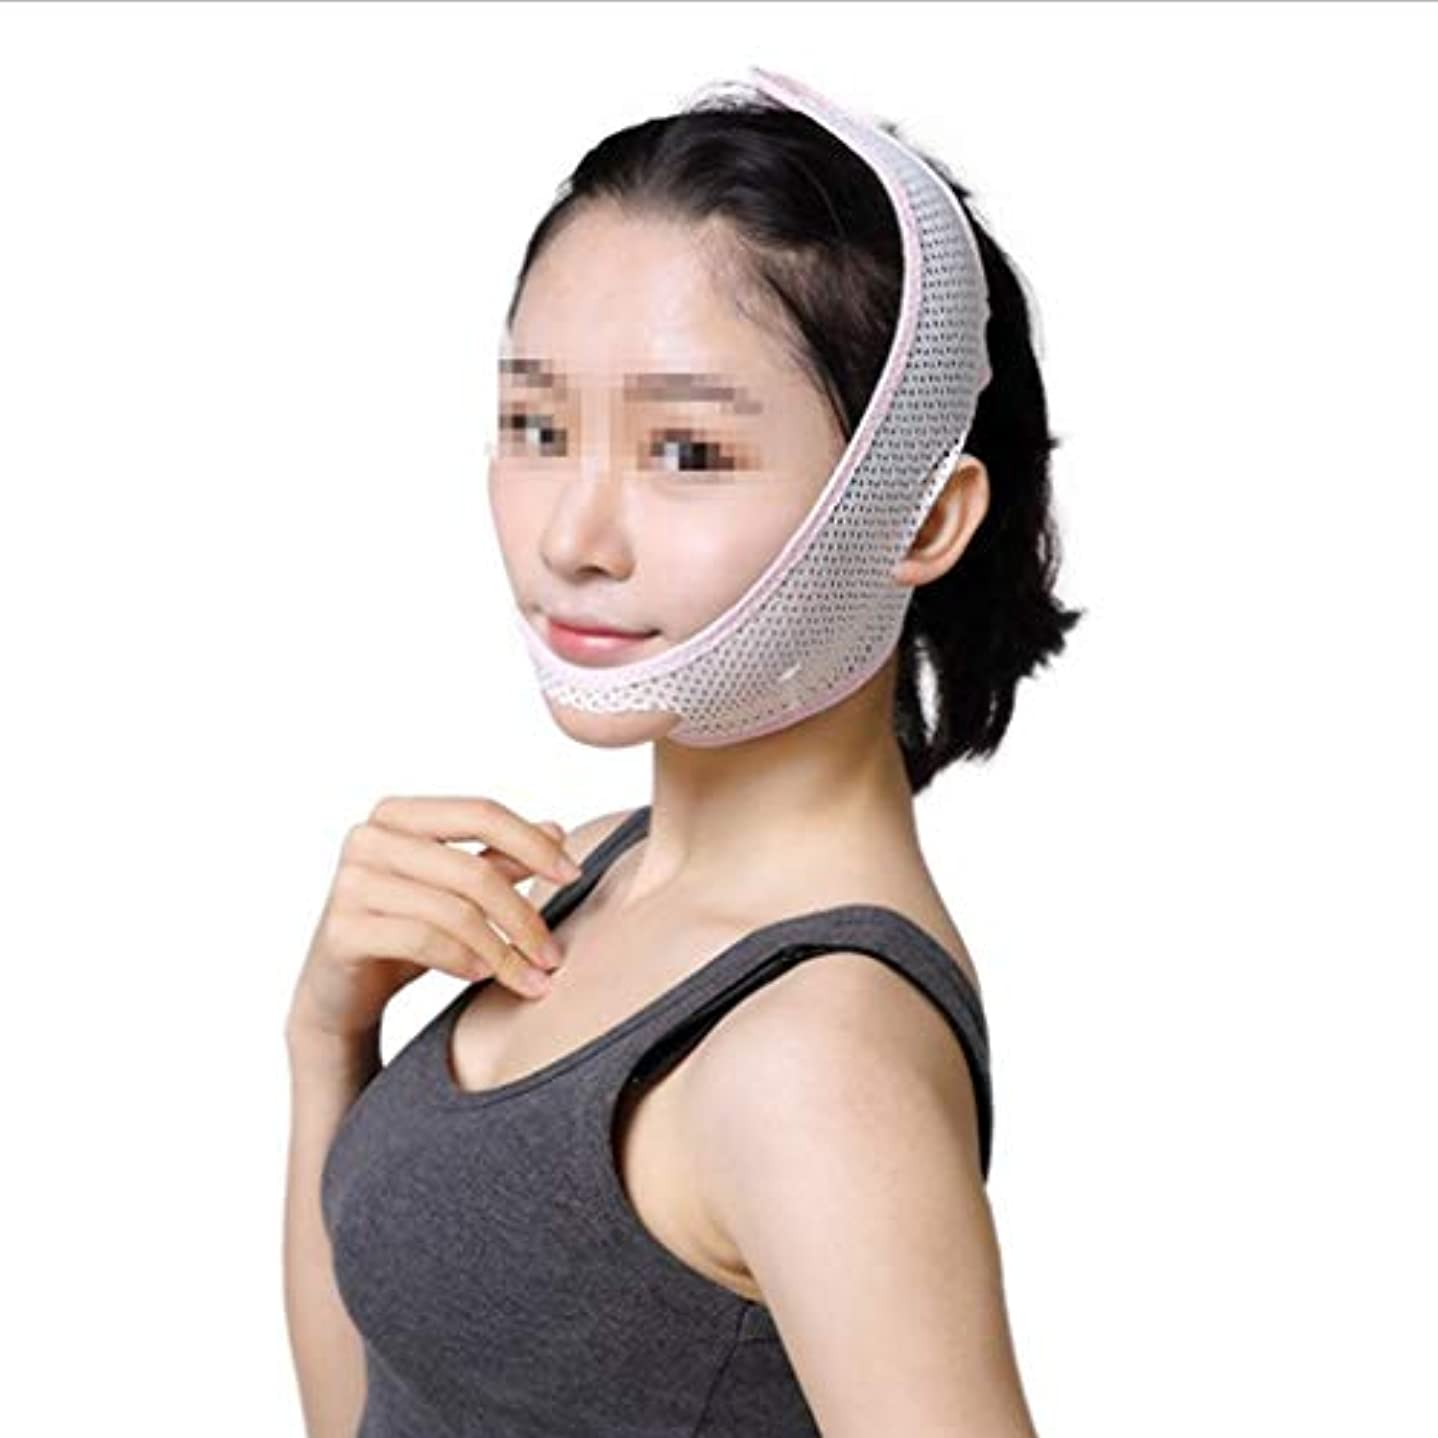 小康モデレータ画像XHLMRMJ 超薄型通気性フェイスマスク、包帯Vフェイスマスクフェイスリフティングファーミングダブルチンシンフェイスベルト (Size : M)